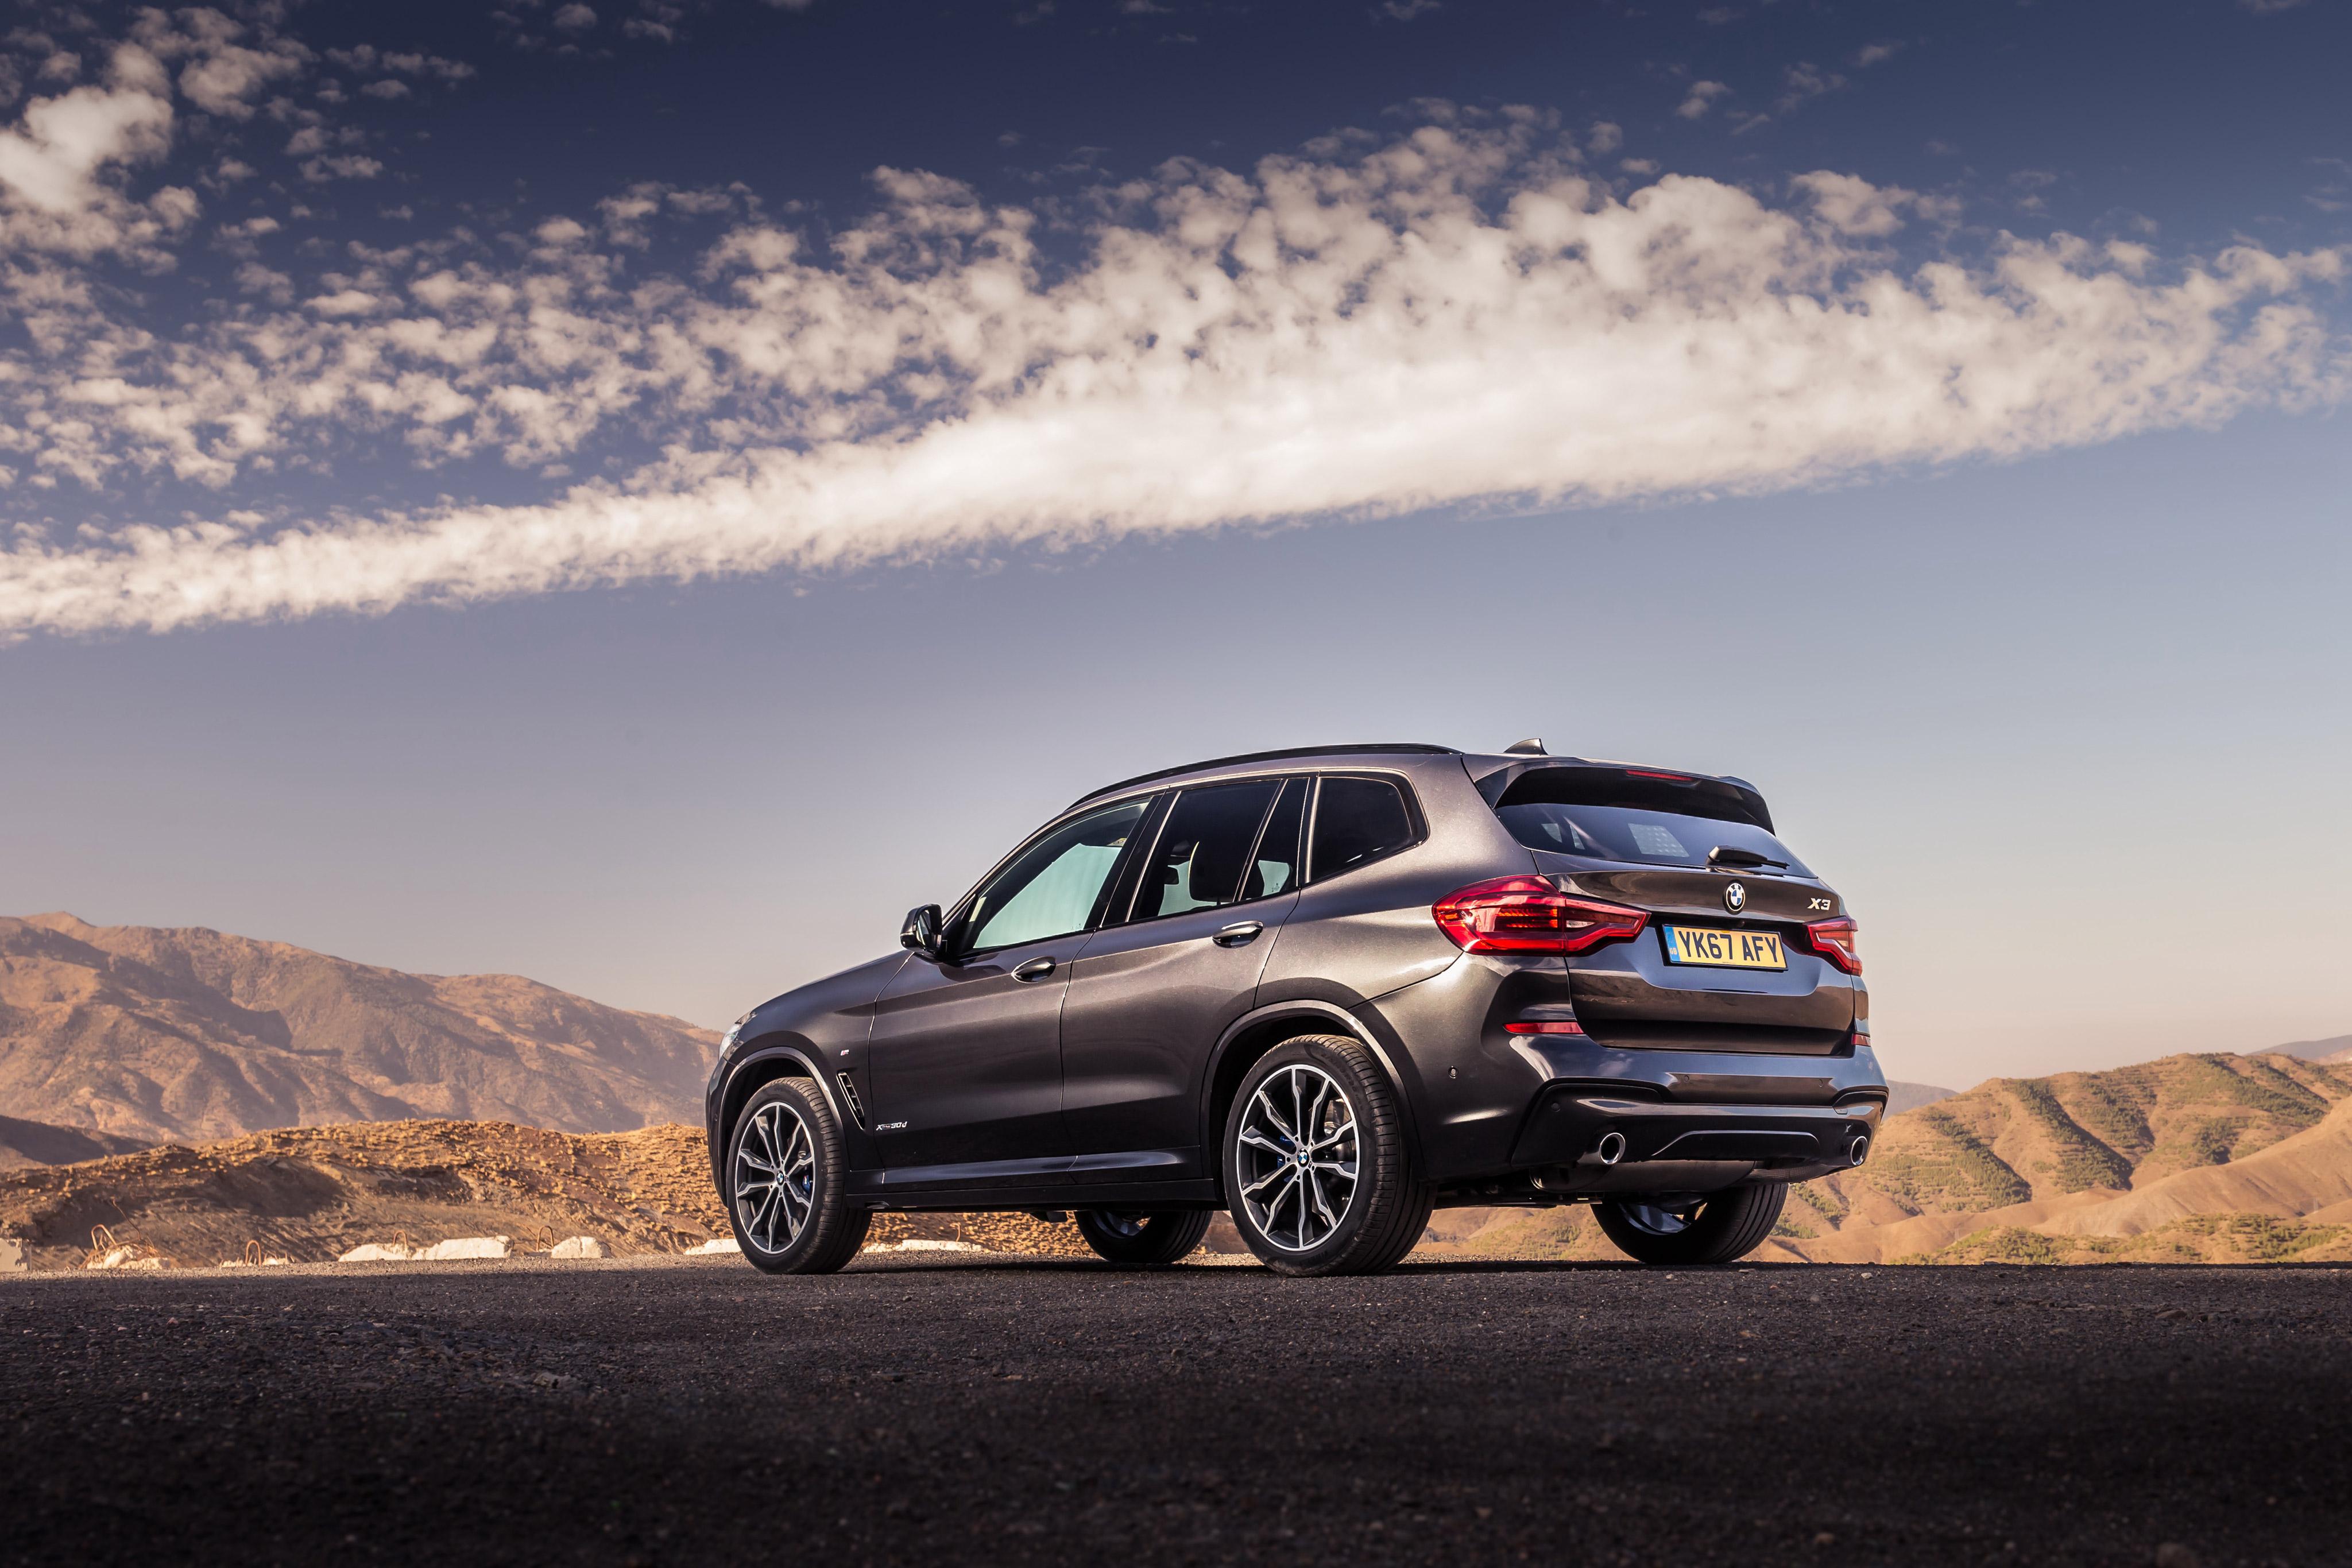 BMW X3 XDrive30d M Sport 2017 Rear, HD Cars, 4k Wallpapers ...